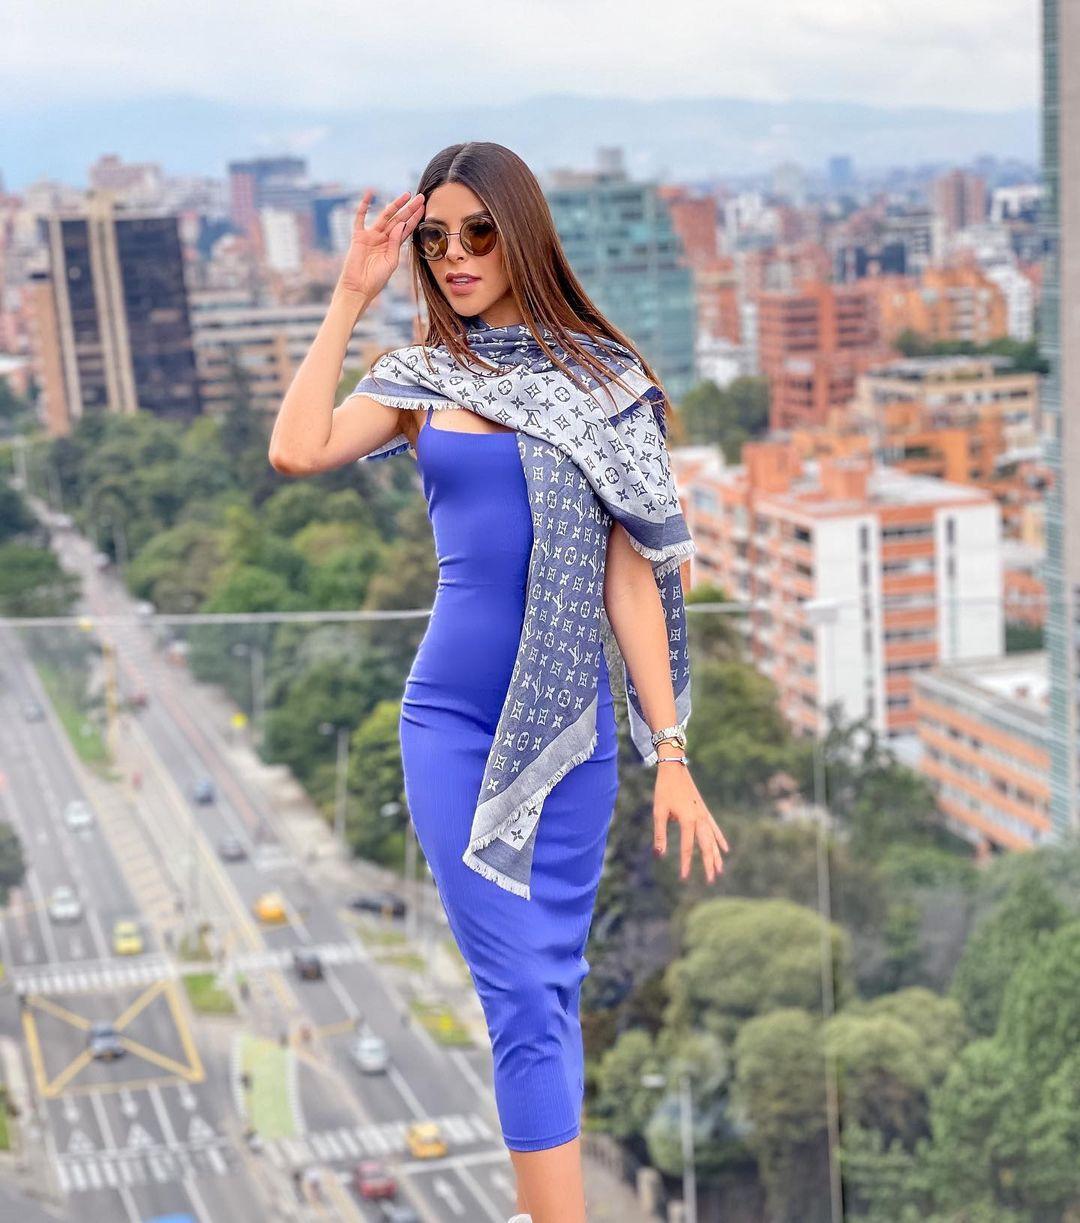 laura olascuaga, miss colombia universo 2020. - Página 12 Qvi5rx10